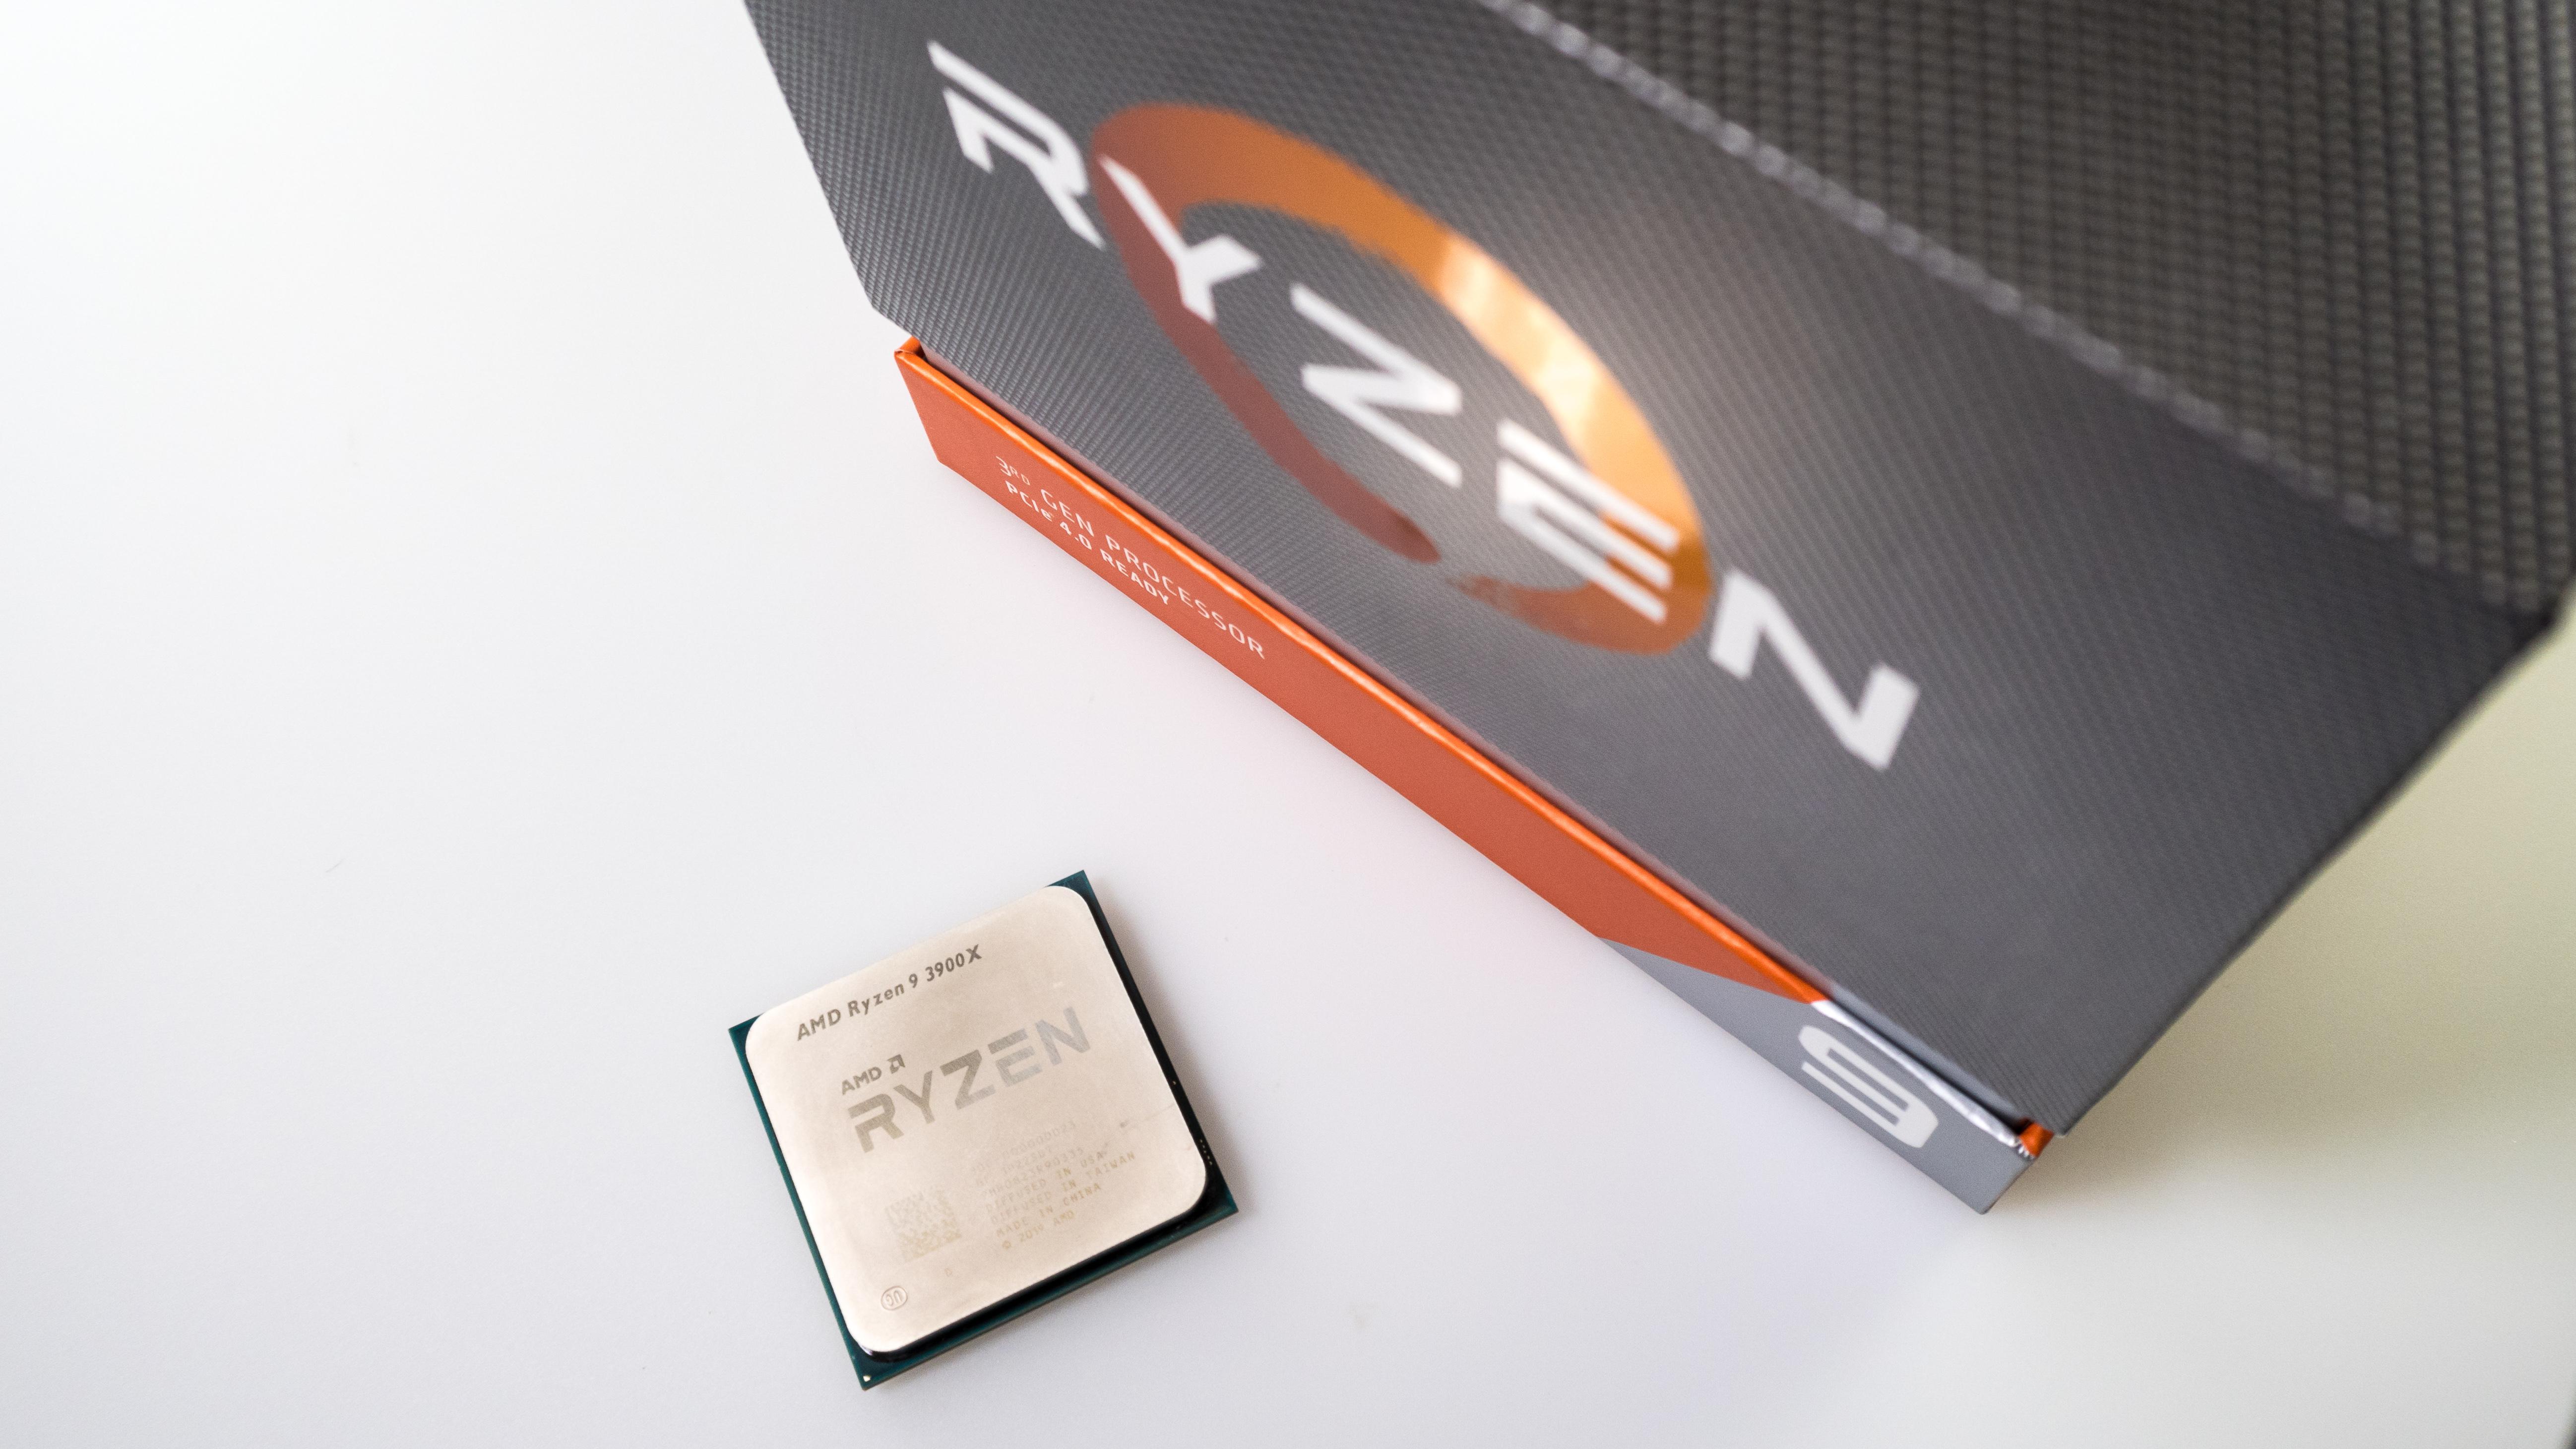 AMD Ryzen 3000: Auslese-Tools beeinträchtigen Stromsparmechanismen